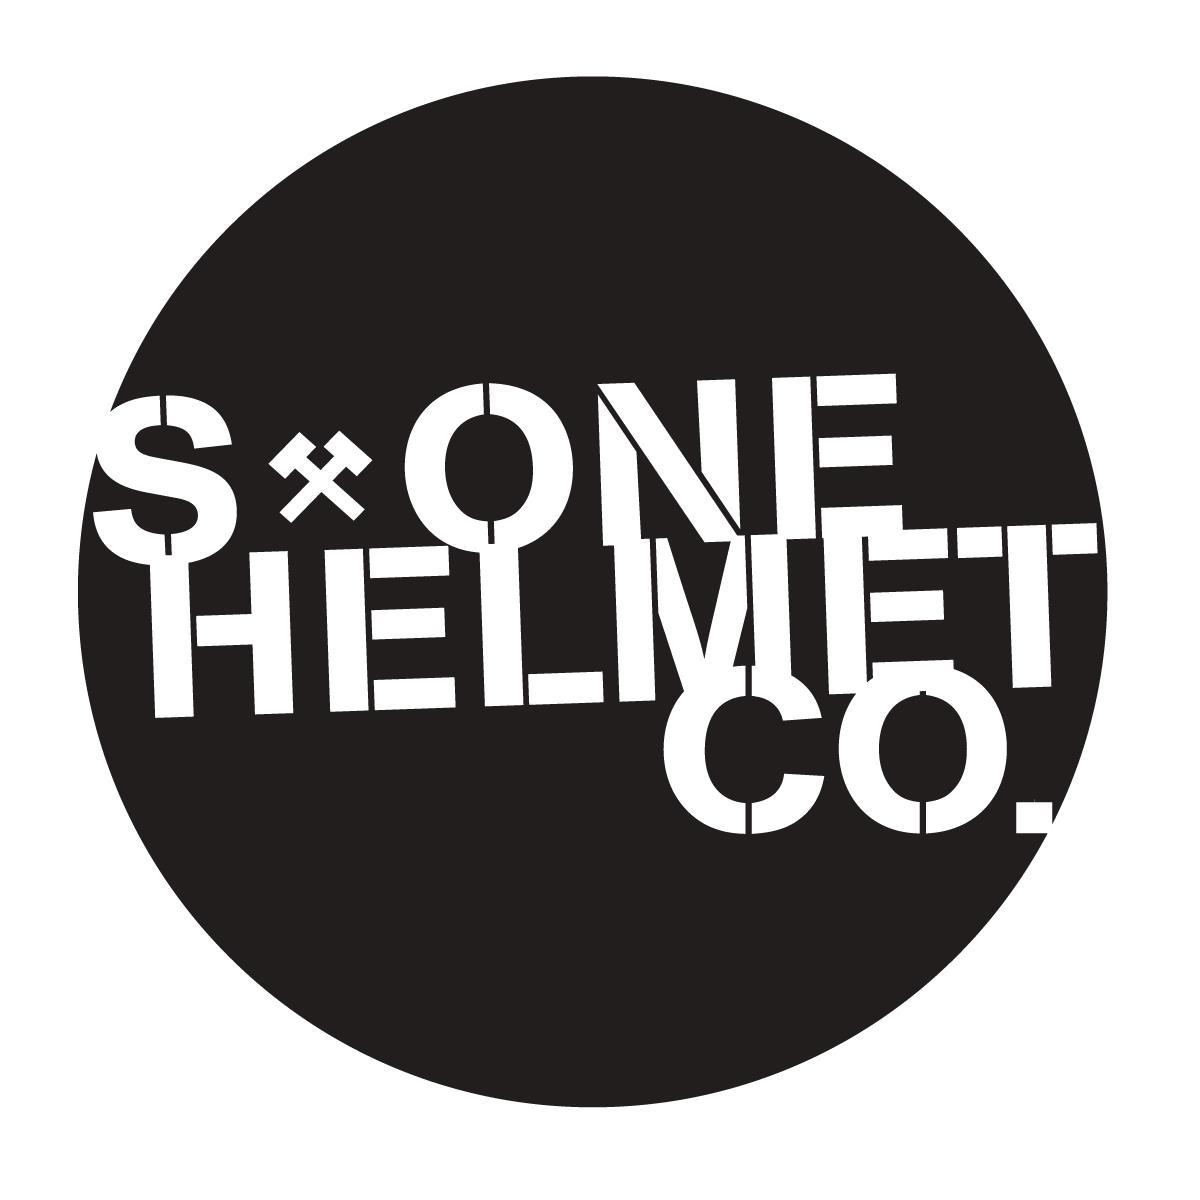 S1 Helmet Company logo